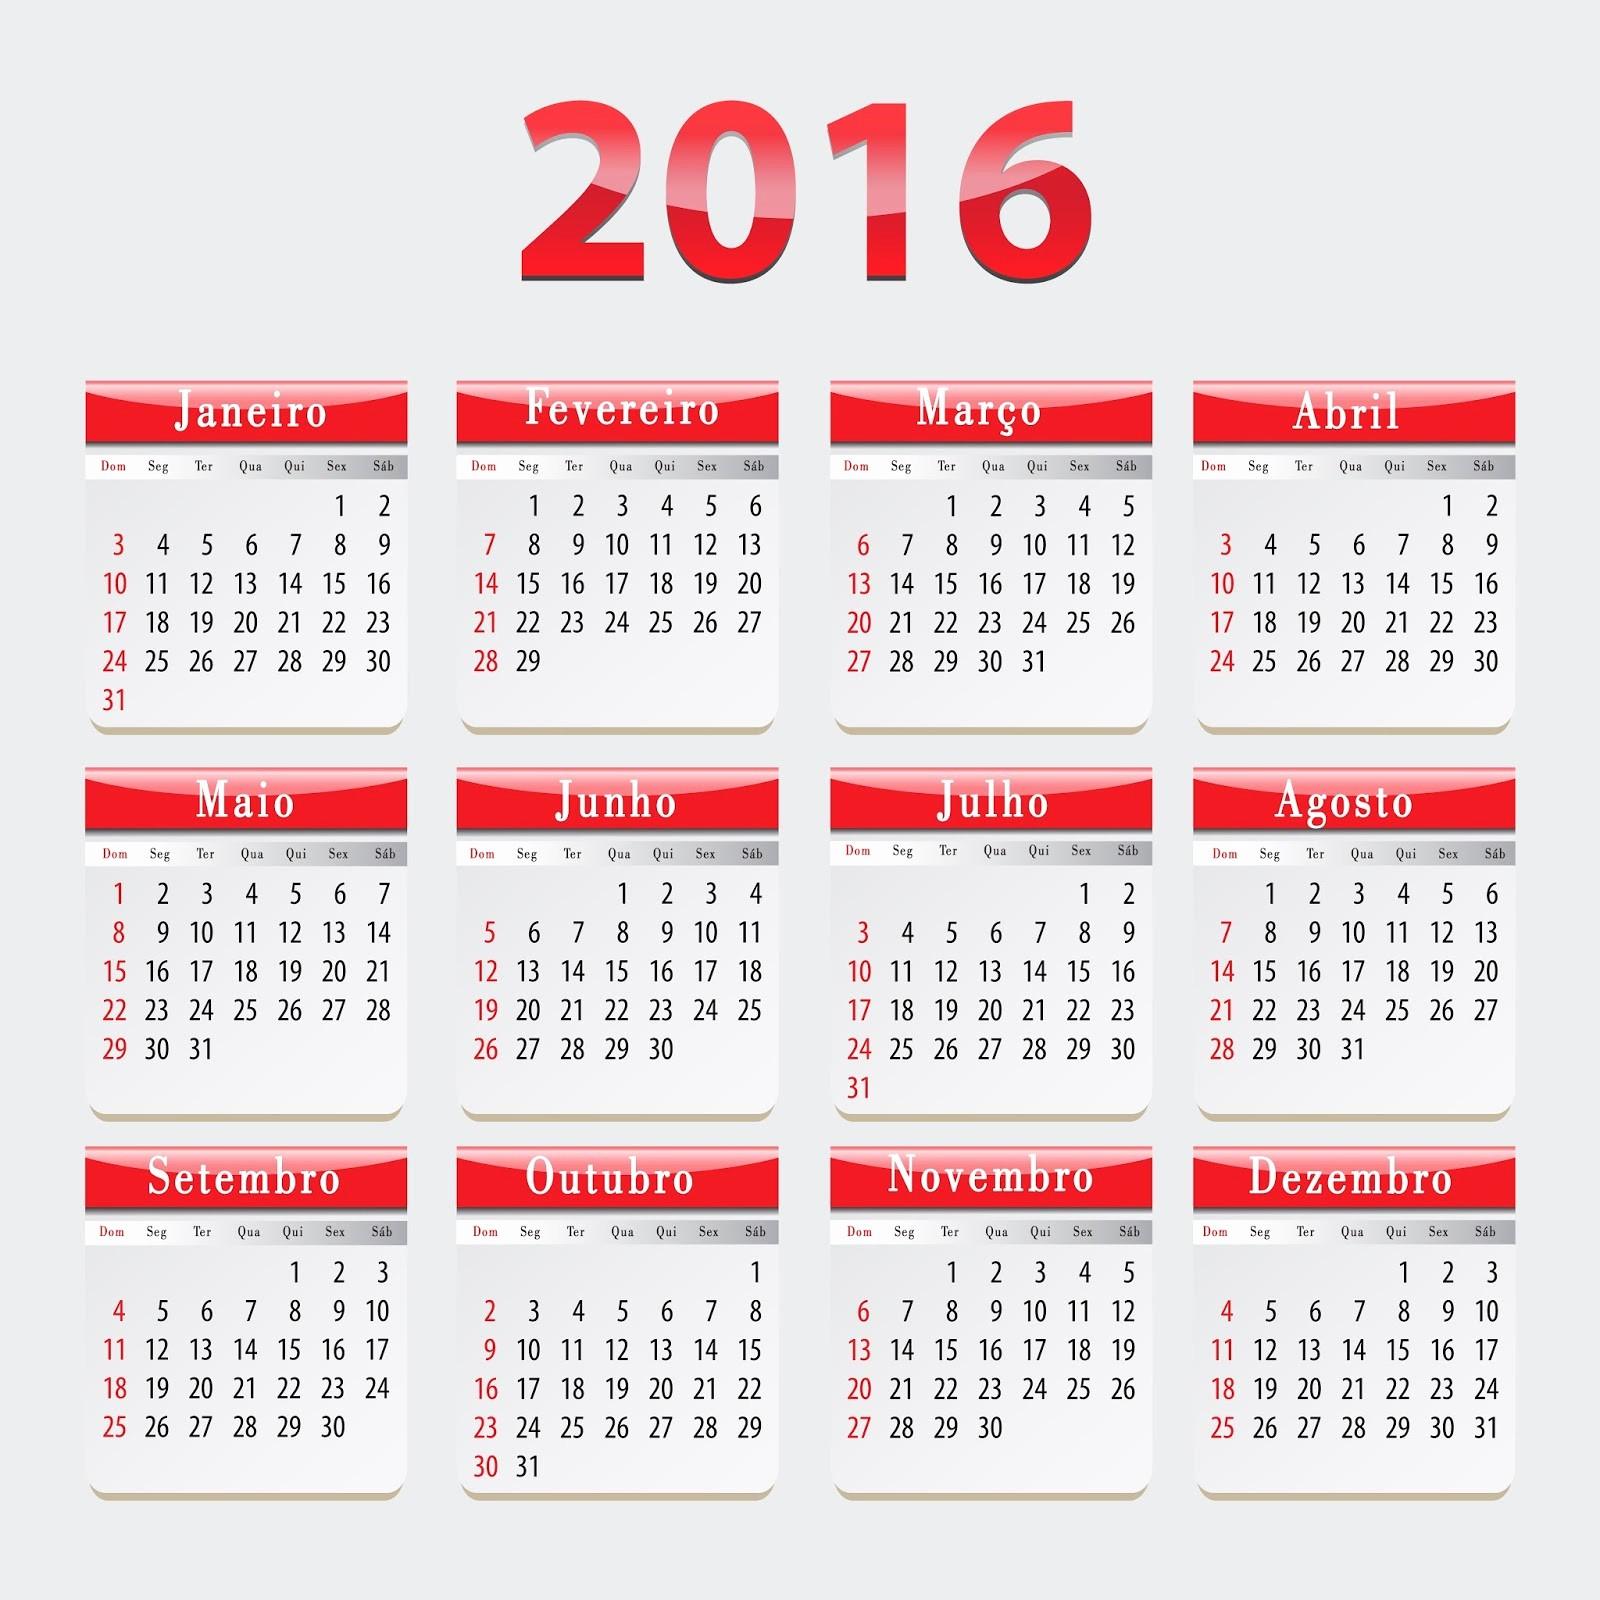 Fnn Calendario 2019 Central shop Base Calendario 2016 Portugues